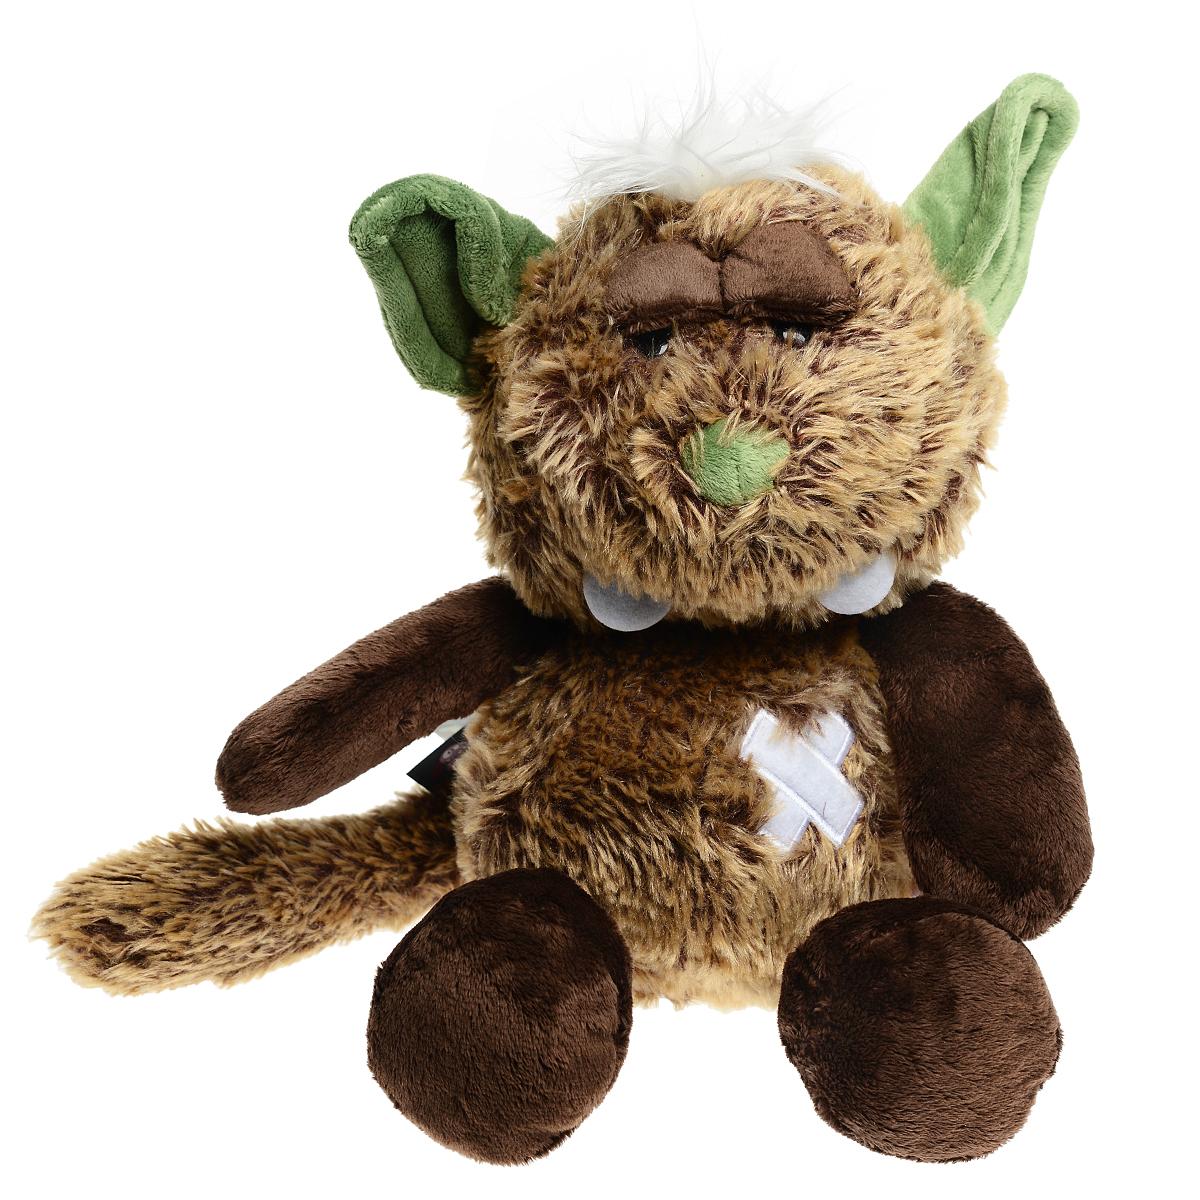 Мягкая игрушка Nici Монстр Упс, сидячая, 25 см35168Очаровательная мягкая игрушка Nici Монстр Упс подарит вашему ребенку много радости и веселья! Она выполнена из мягких материалов с набивкой из синтепона в виде милого коричневого монстрика с зелеными ушами и носом, большими зубами и пластырем на животике. Игрушка удивительно приятна на ощупь. Гранулы, используемые при ее набивке, способствуют развитию у ребенка мелкой моторики пальчиков. Чудесная мягкая игрушка принесет радость и подарит своему обладателю мгновения нежных объятий и приятных воспоминаний. NICI - немецкая компания, являющаяся одним из лидеров на Европейском рынке мягких игрушек и подарков. Игрушки NICI стали неотъемлемой частью жизни многих людей в самых разных уголках нашей планеты.